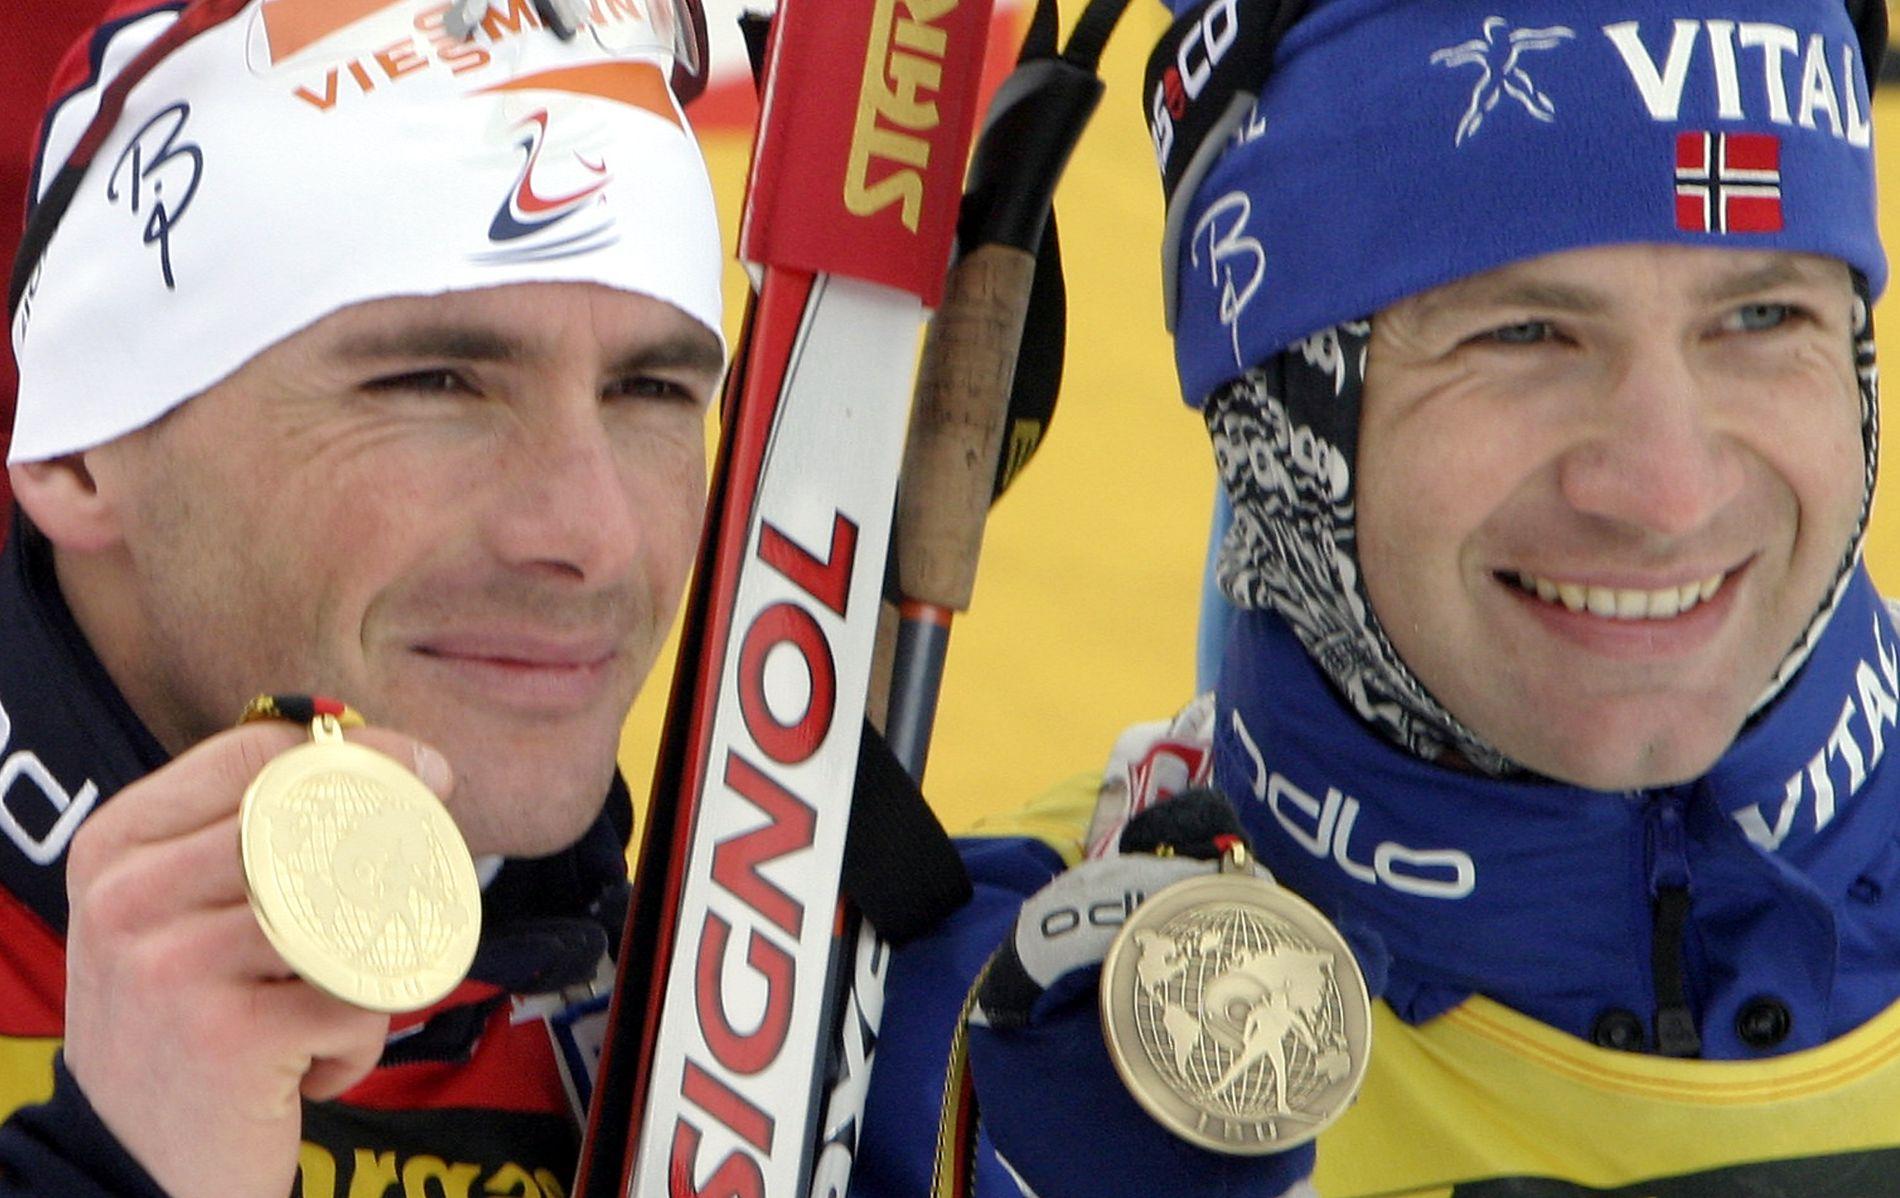 Raphaël Poirée og Ole Einar Bjørndalen dominerte skiskyttersporten i mange år. Her poserer de etter 20-kilometeren under VM i Oberhof i 2004. Poirée tok gull, mens Bjørndalen tok bronse.